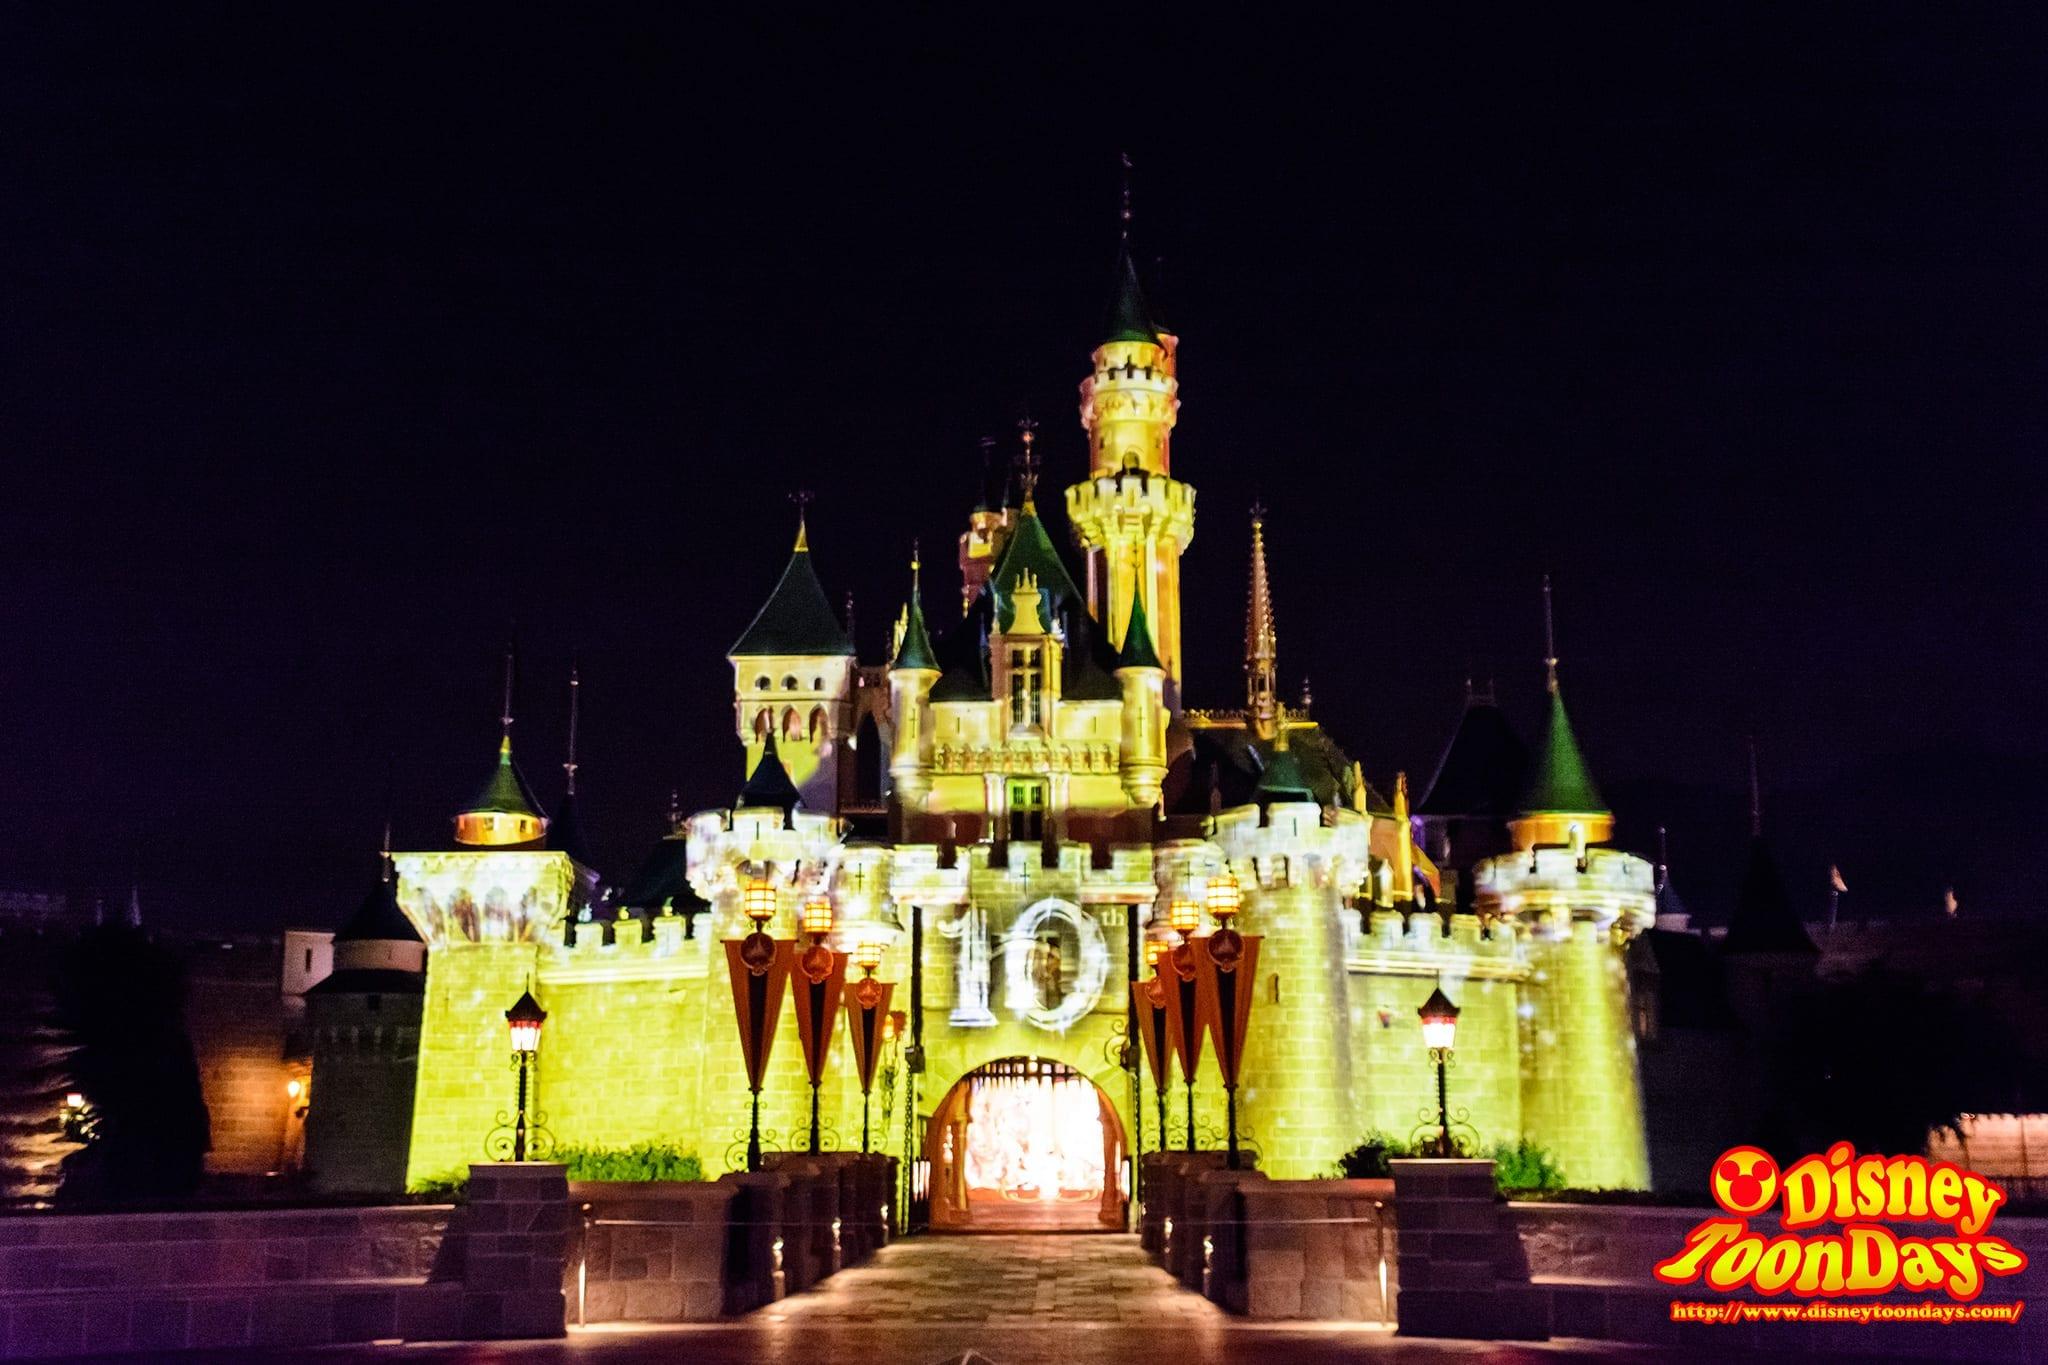 10周年の映像が投影された眠れる森の美女の城